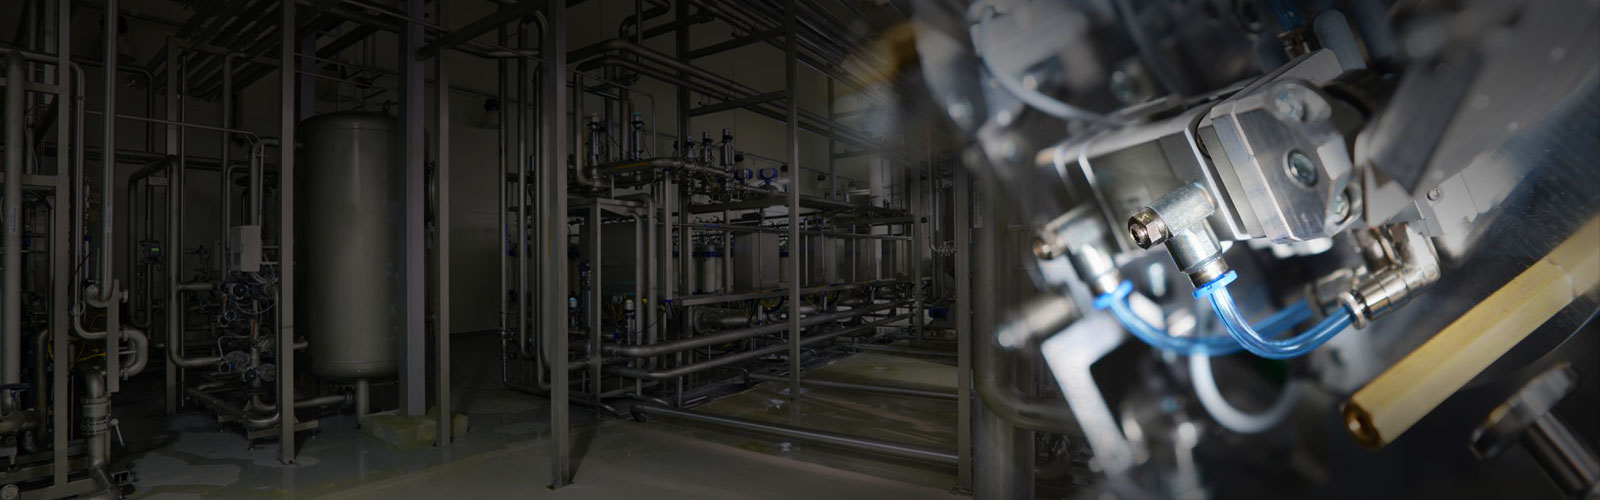 installazione impianti como